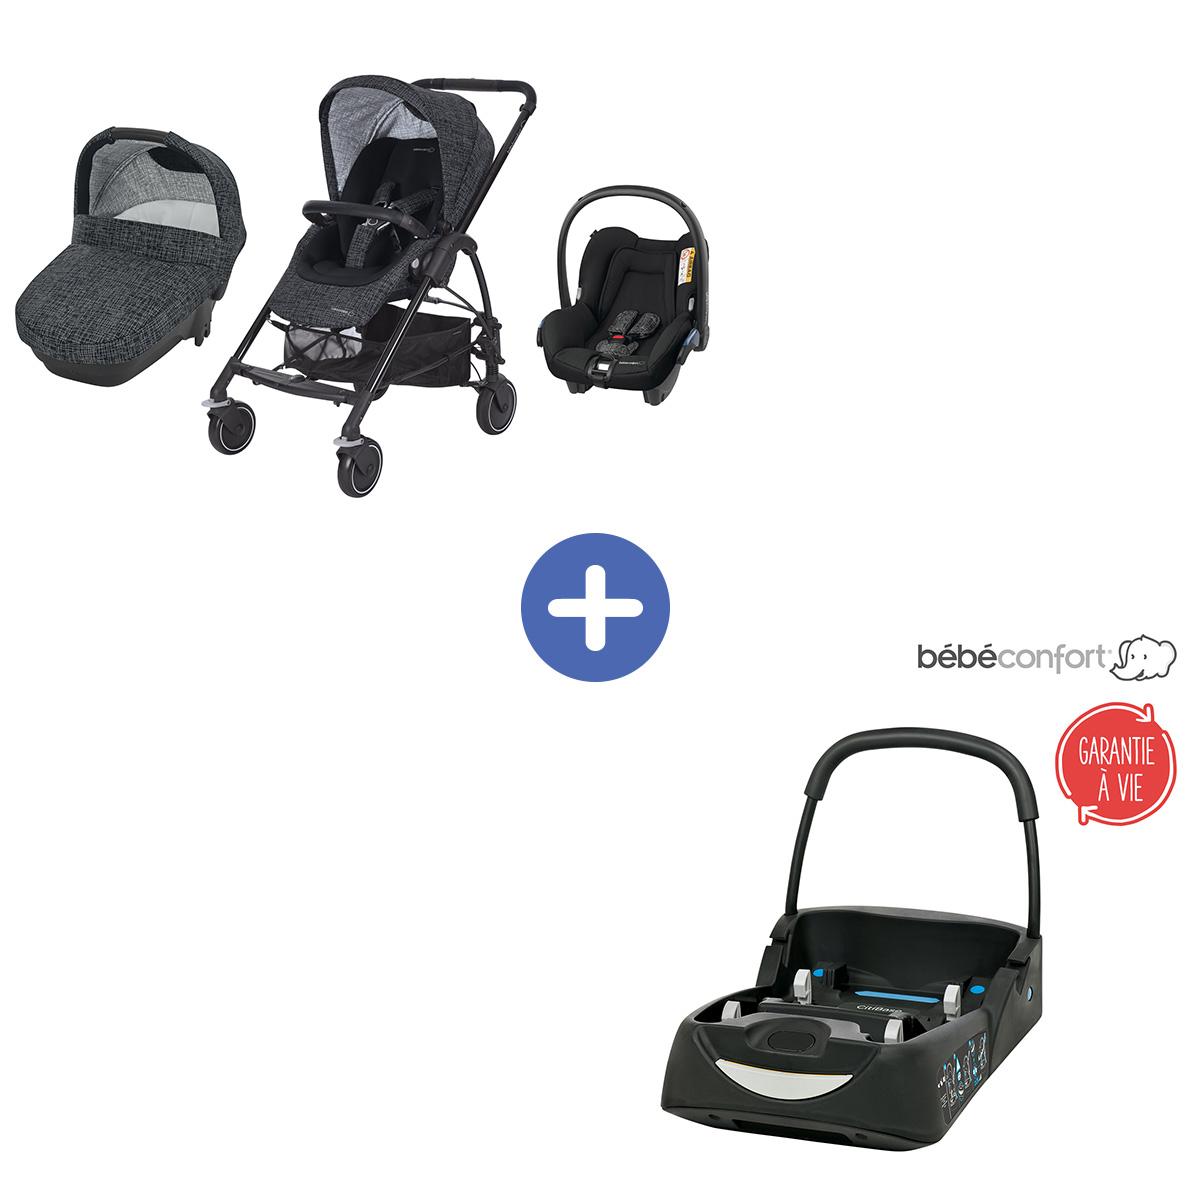 Poussette Trio Mya Black Grid de Bébé Confort + Coque citi offerte pour voiture